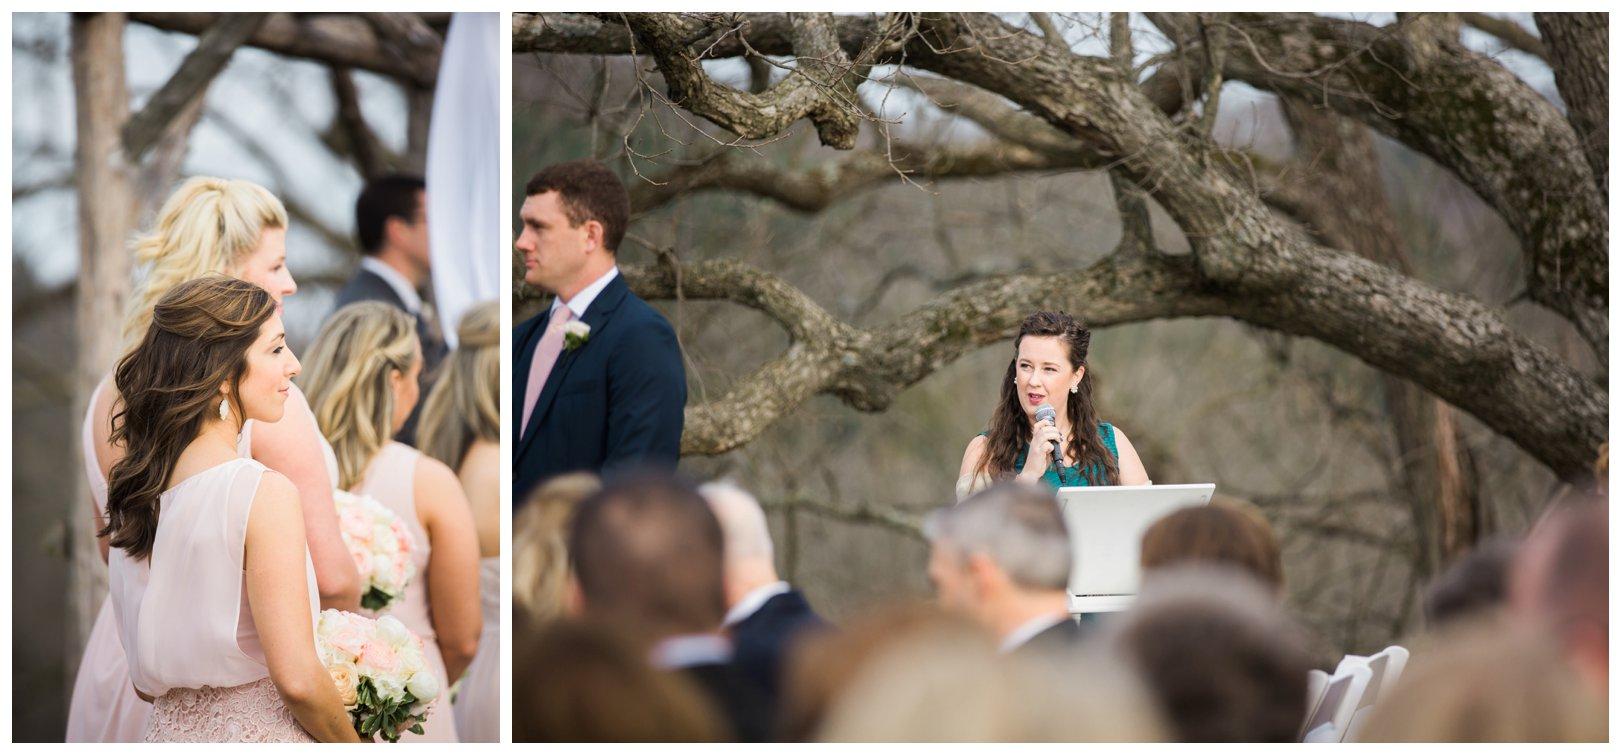 lauren muckler photography_fine art film wedding photography_st louis_photography_0984.jpg